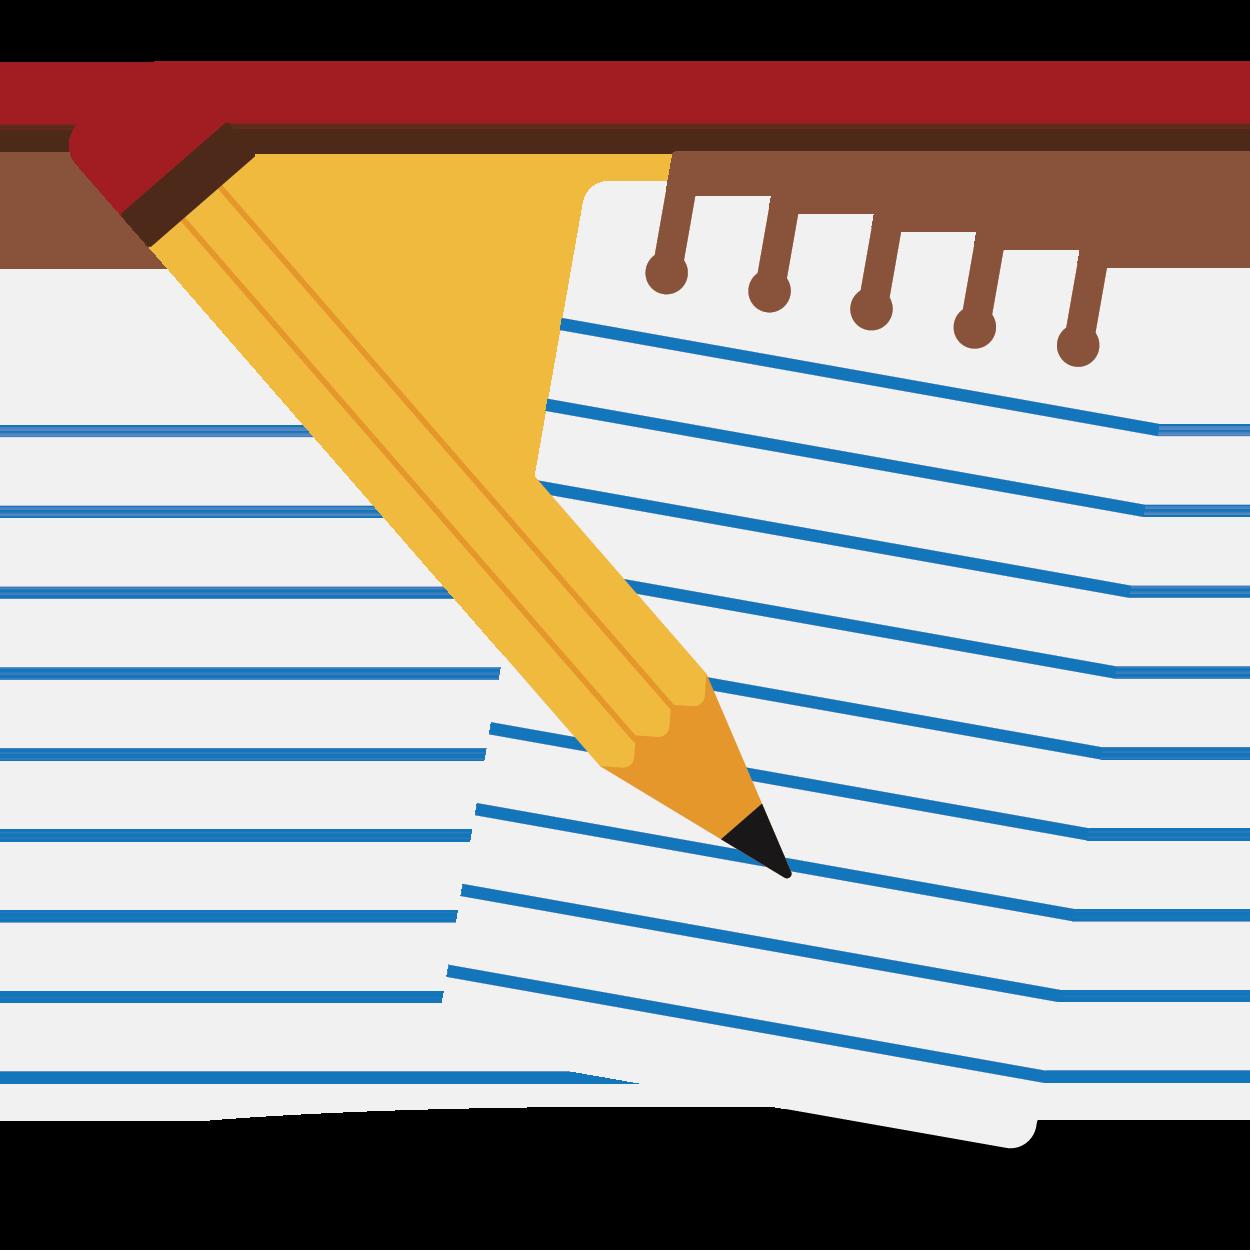 02-help-desk-images-planning-guides